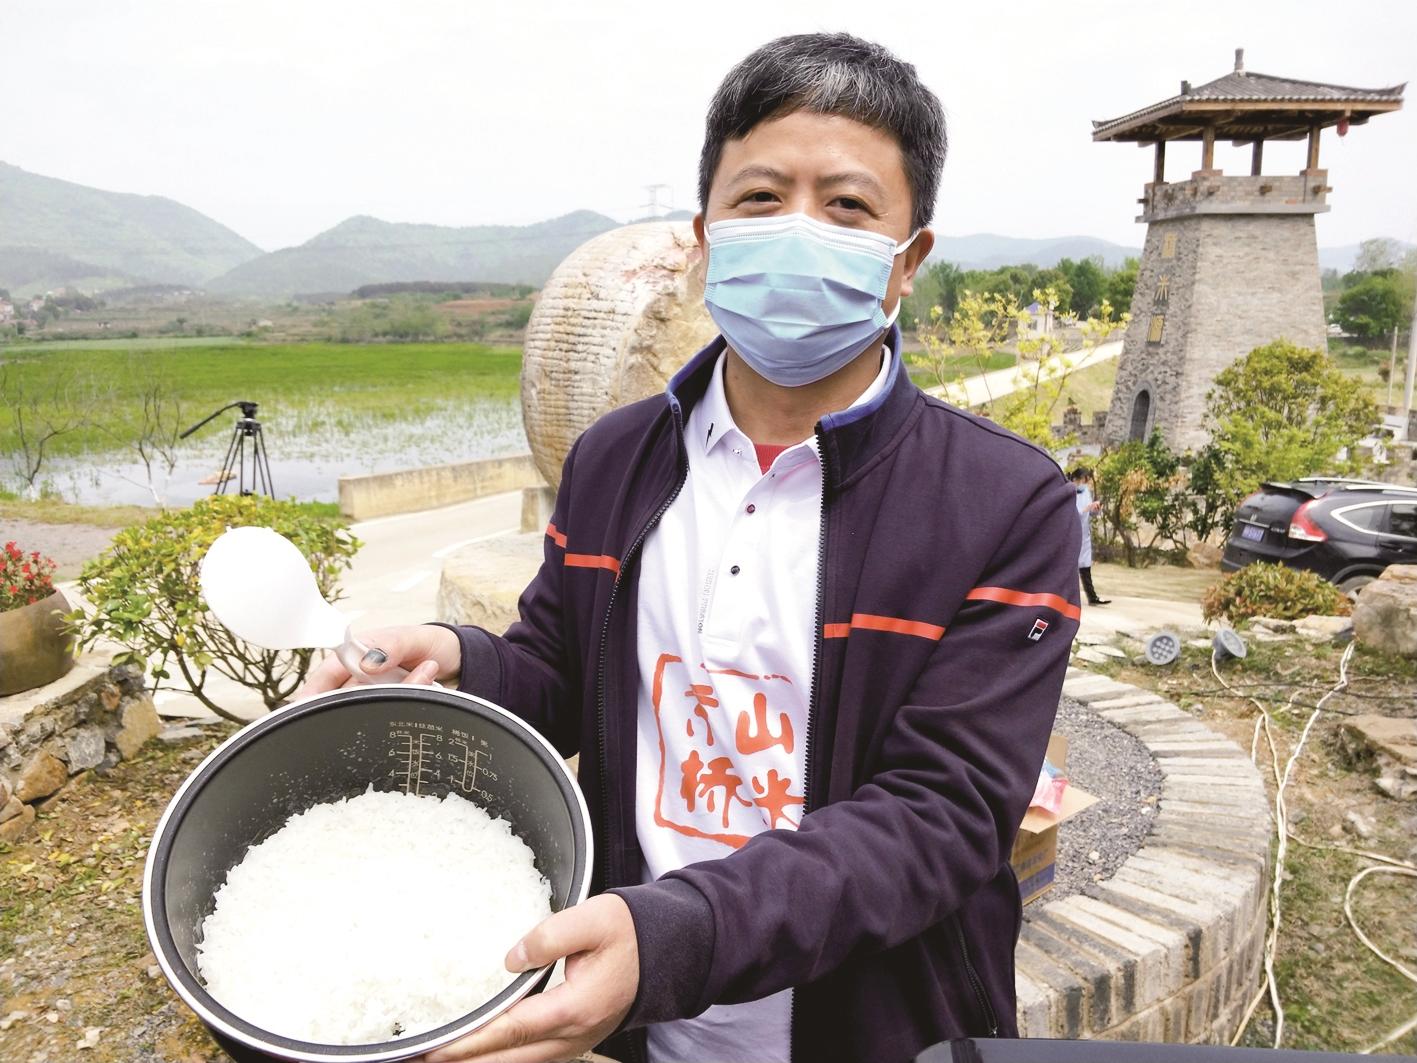 京山市长田间直播煮饭蒸米糕 一天卖出优质大米3万斤